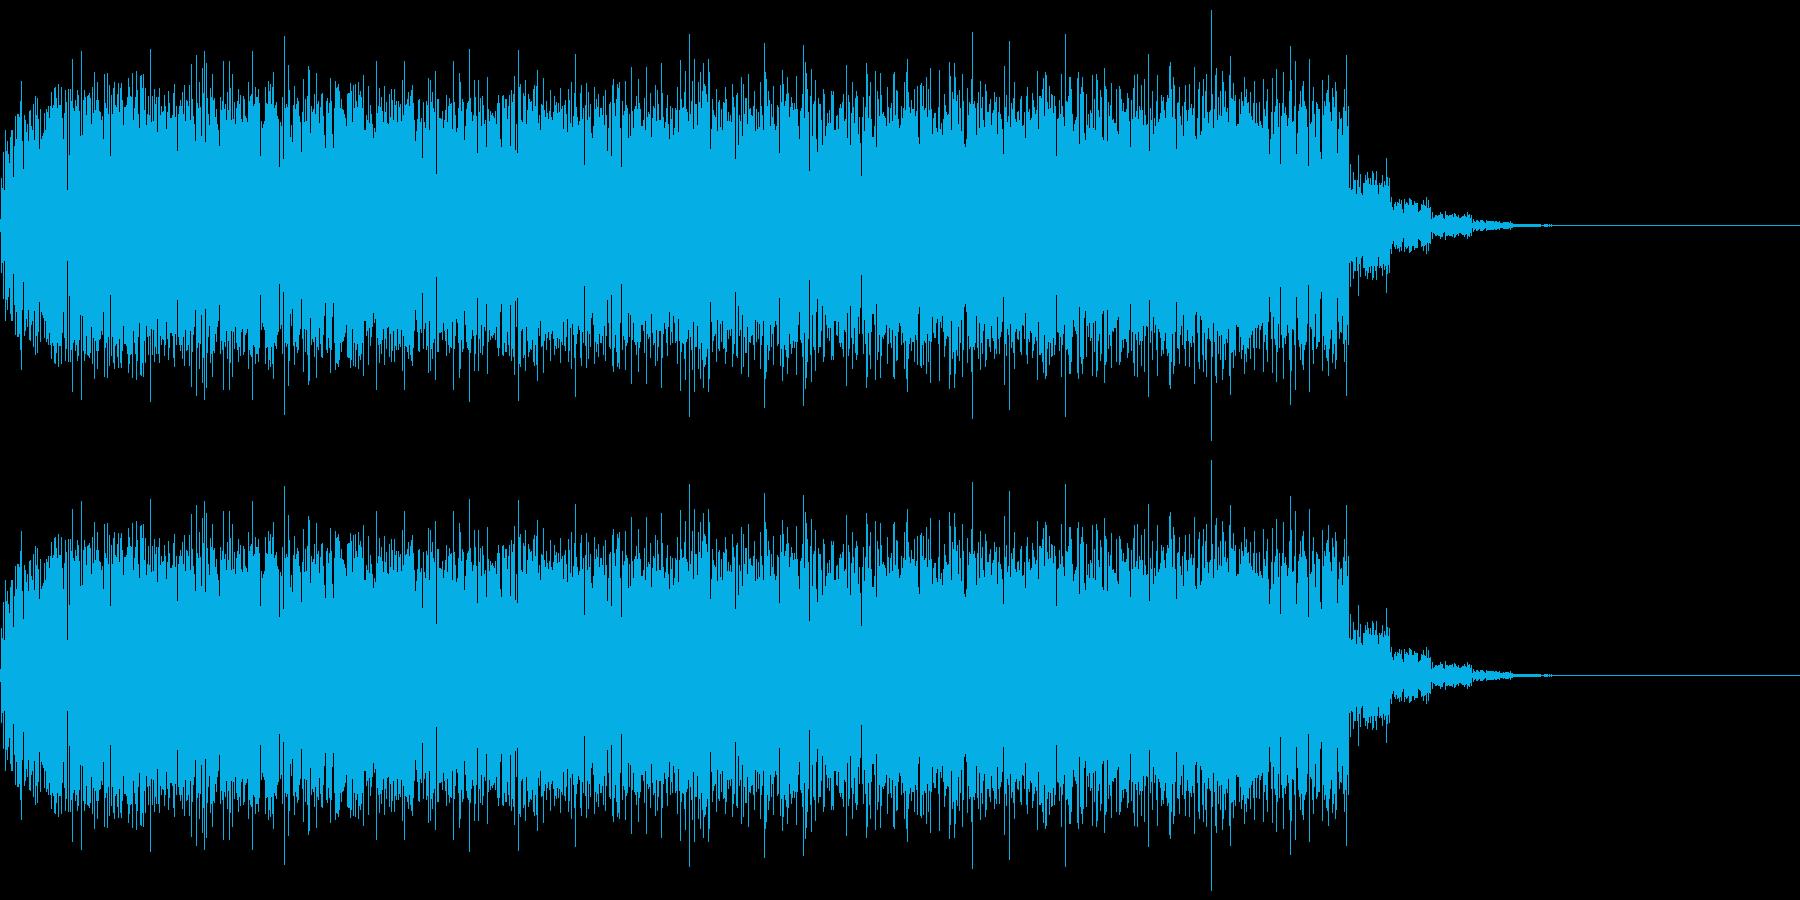 大量のコウモリが飛んでいるような効果音の再生済みの波形